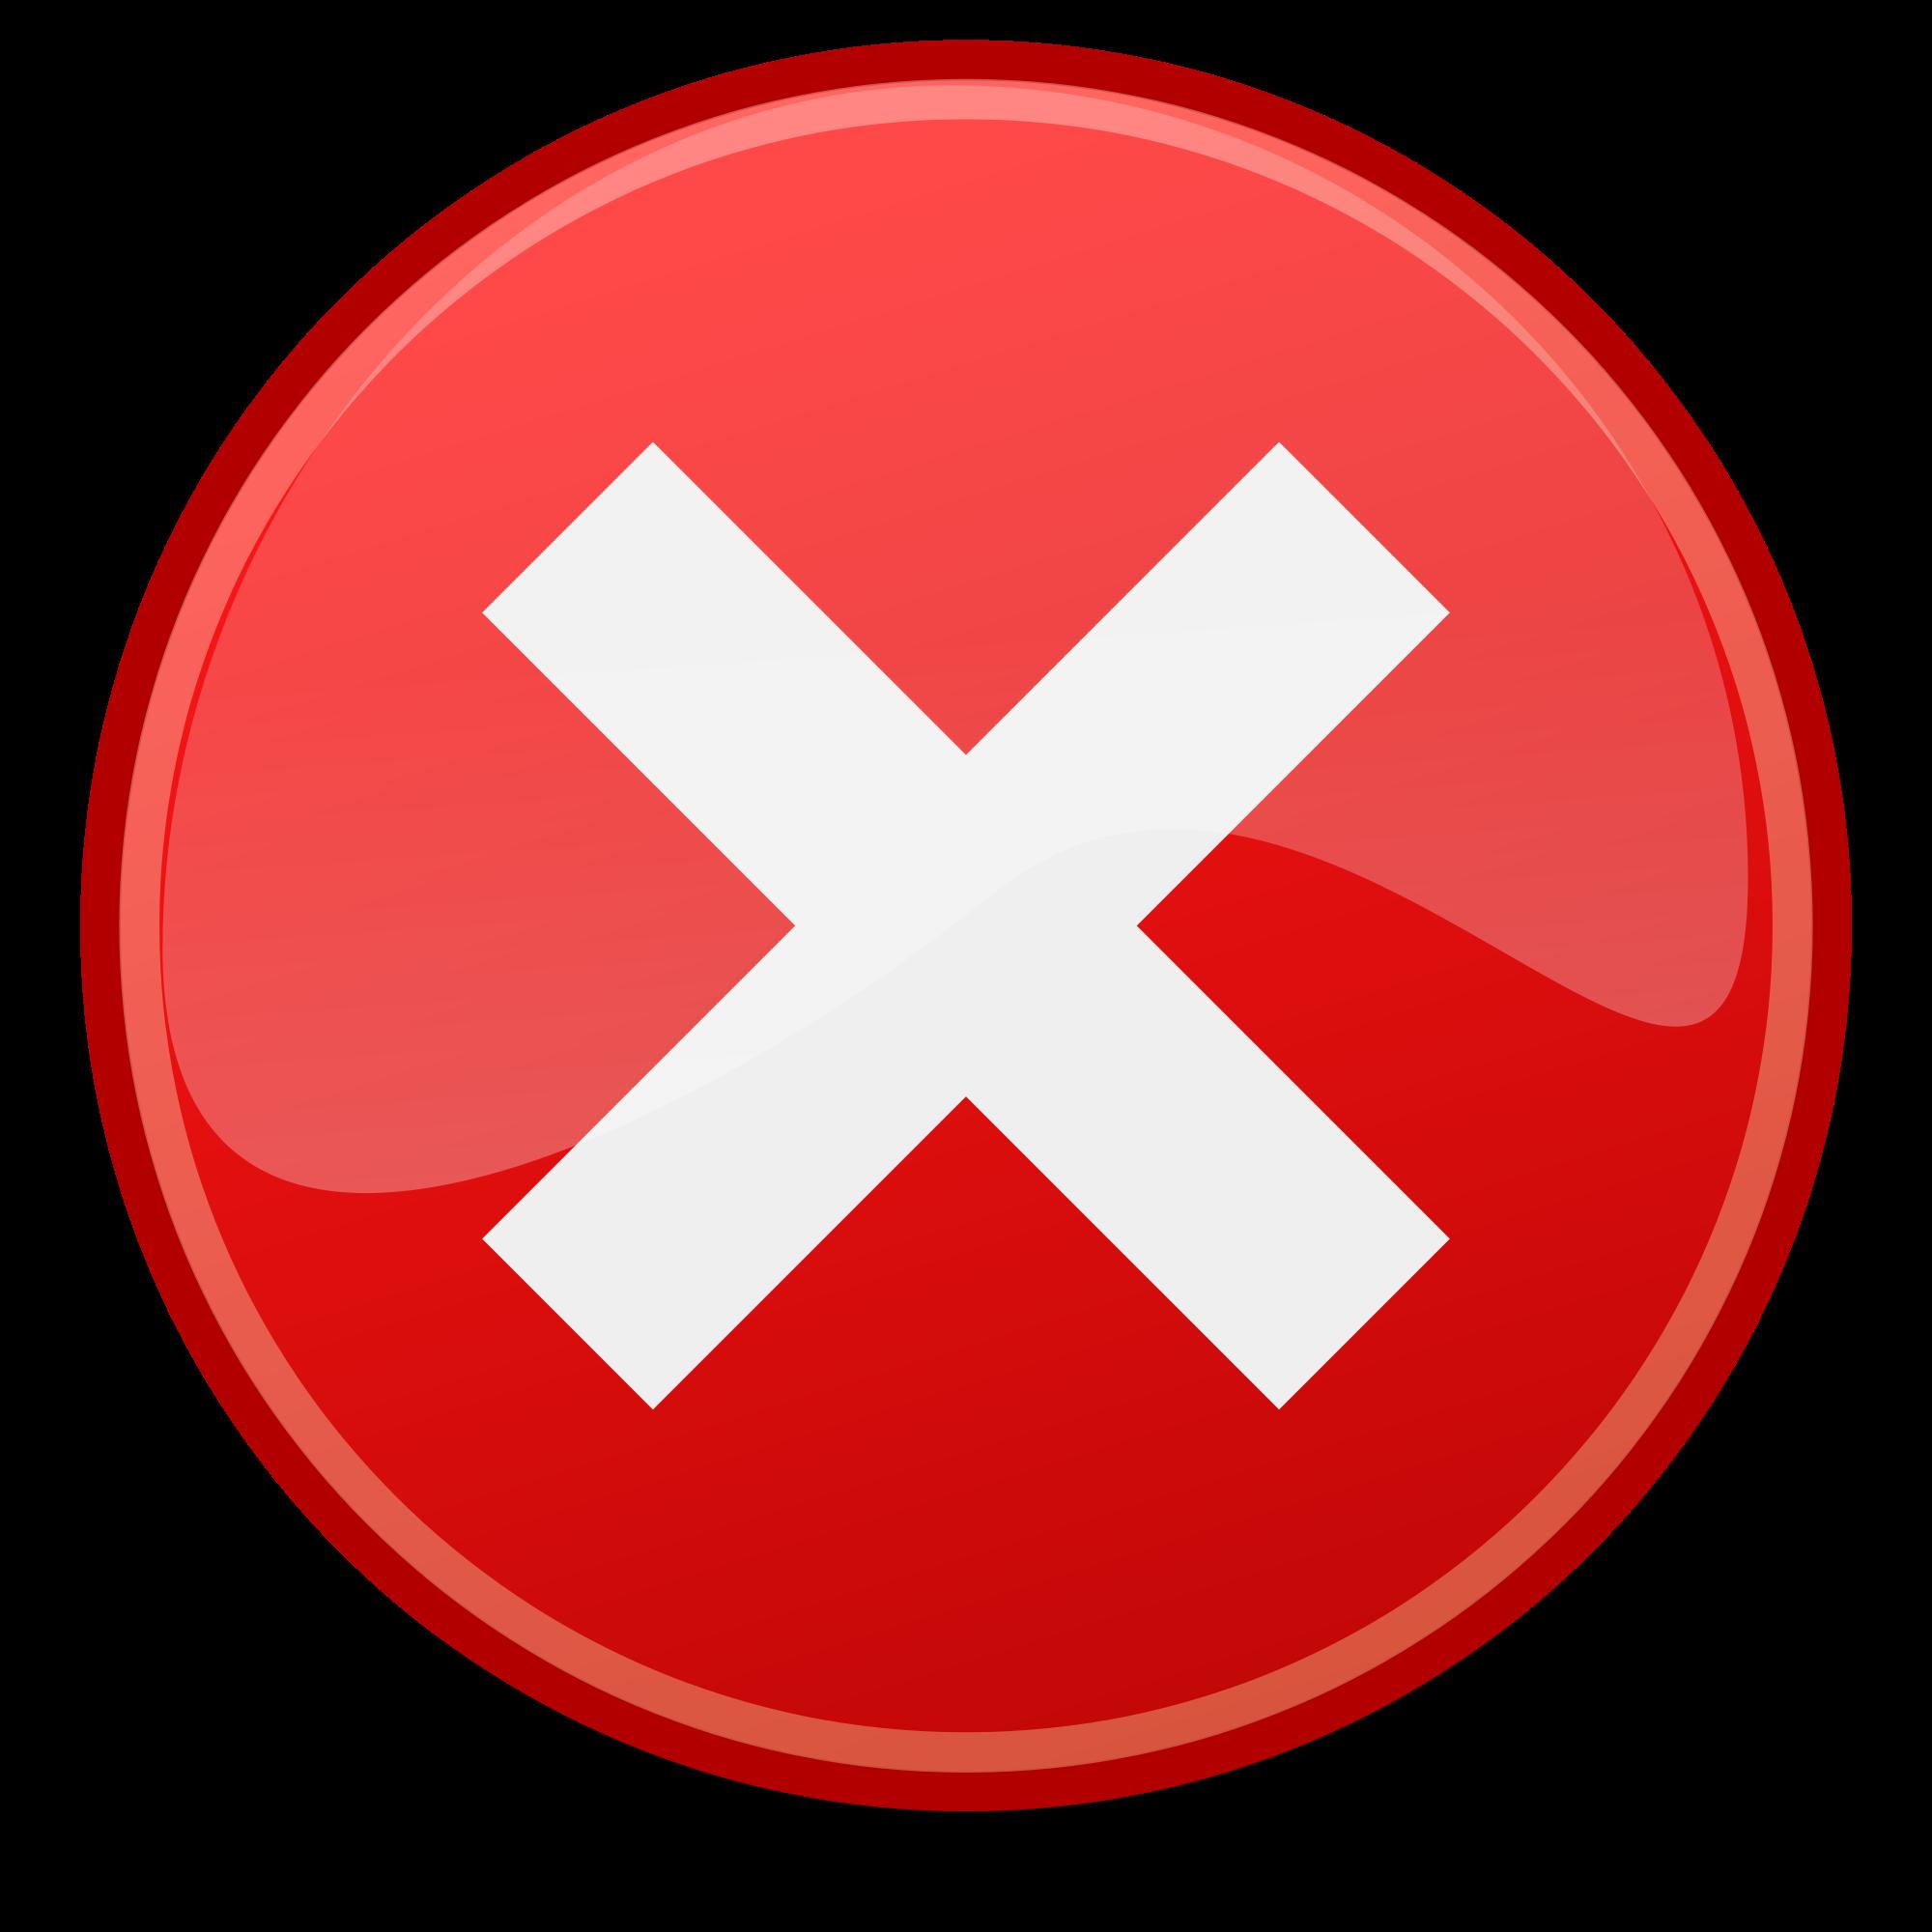 Как исправить реестровую ошибку в ЕГРН